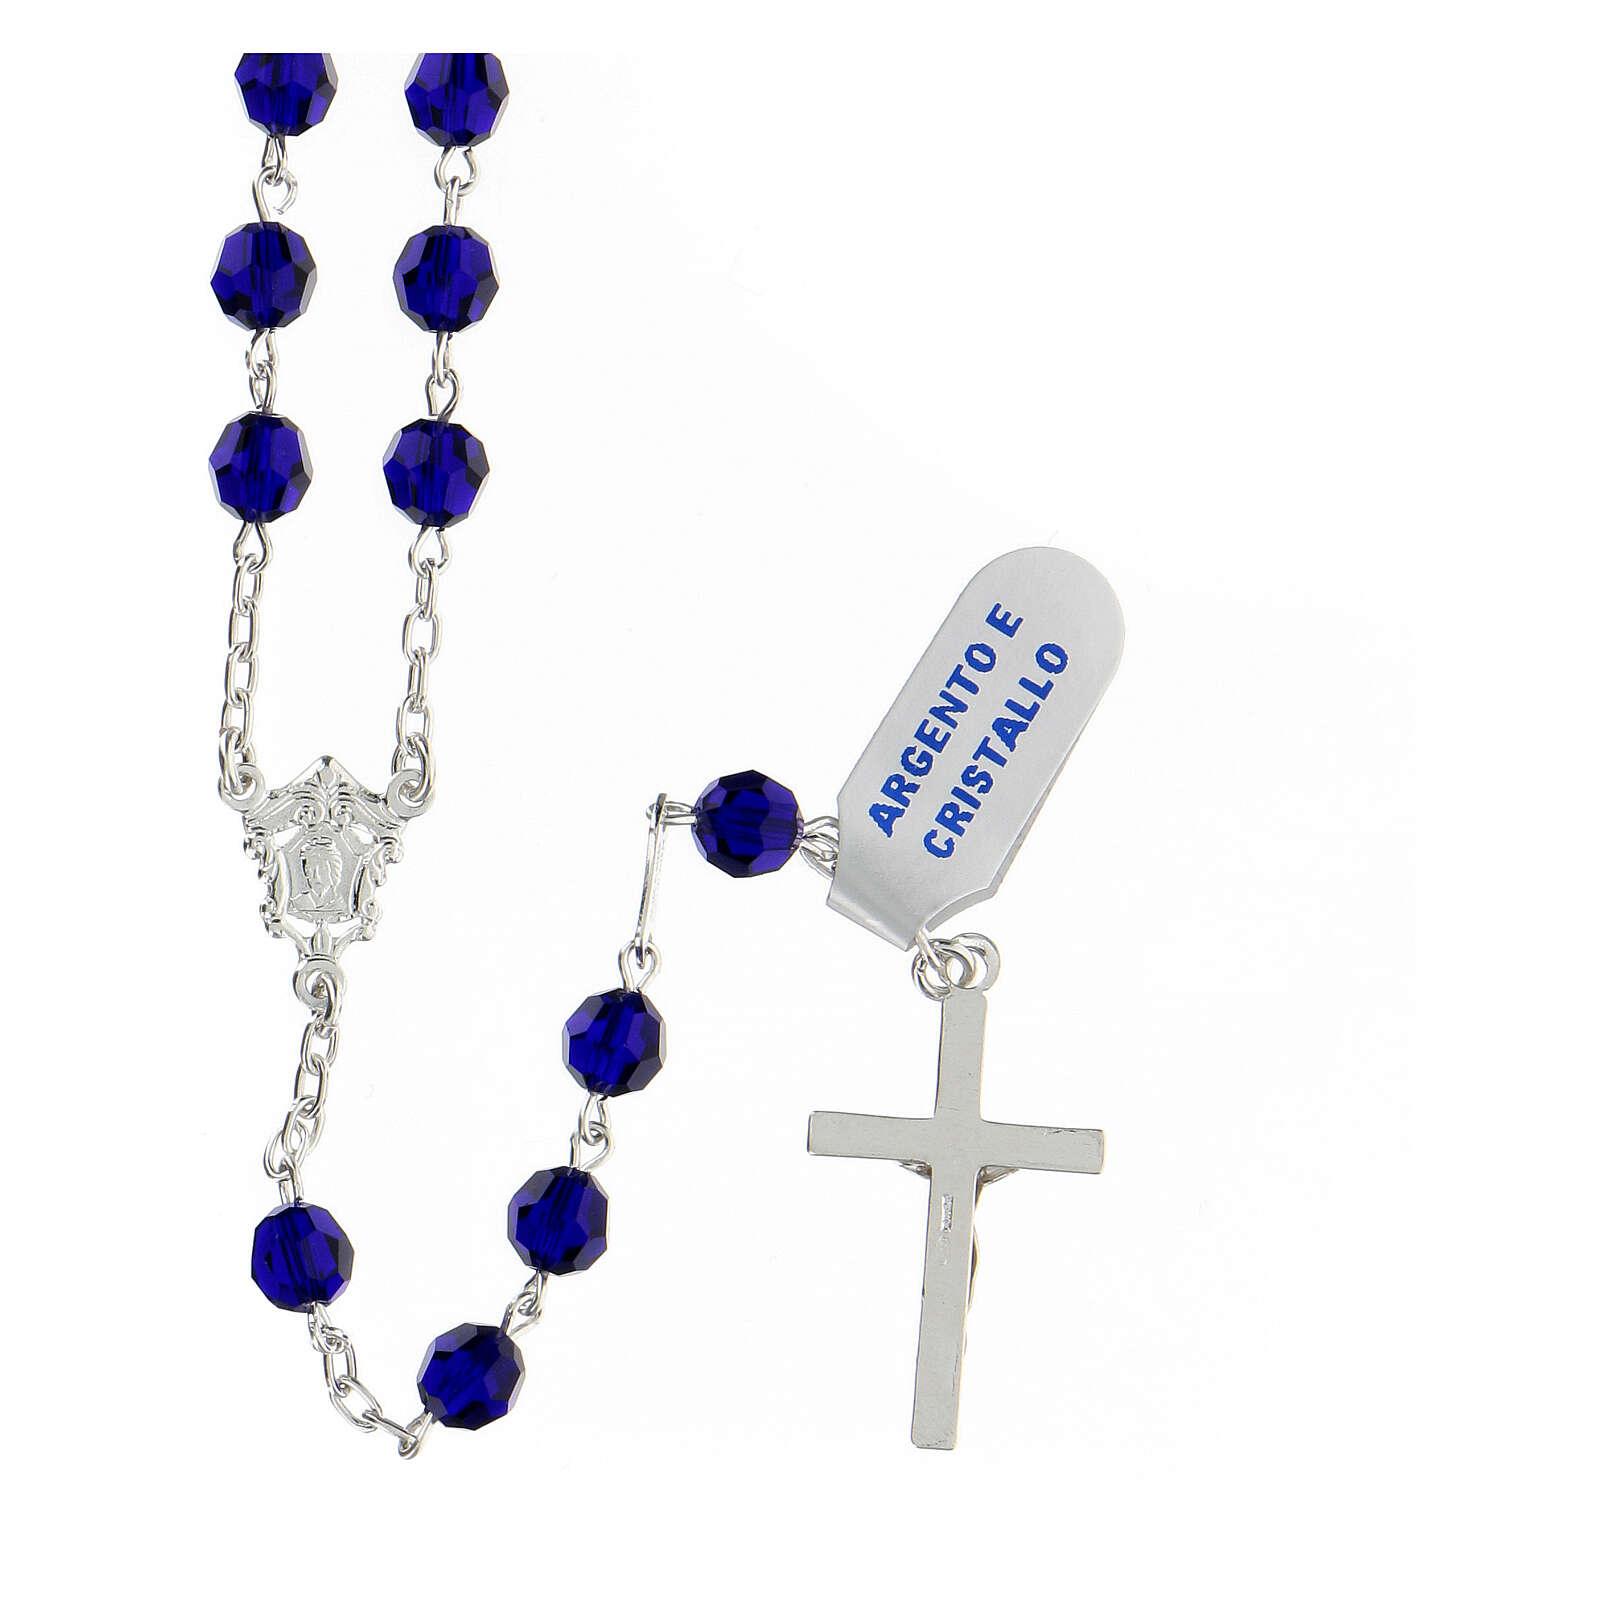 Terço prata 925 contas multifacetadas cristal azul 6 mm e cruz moderna 4